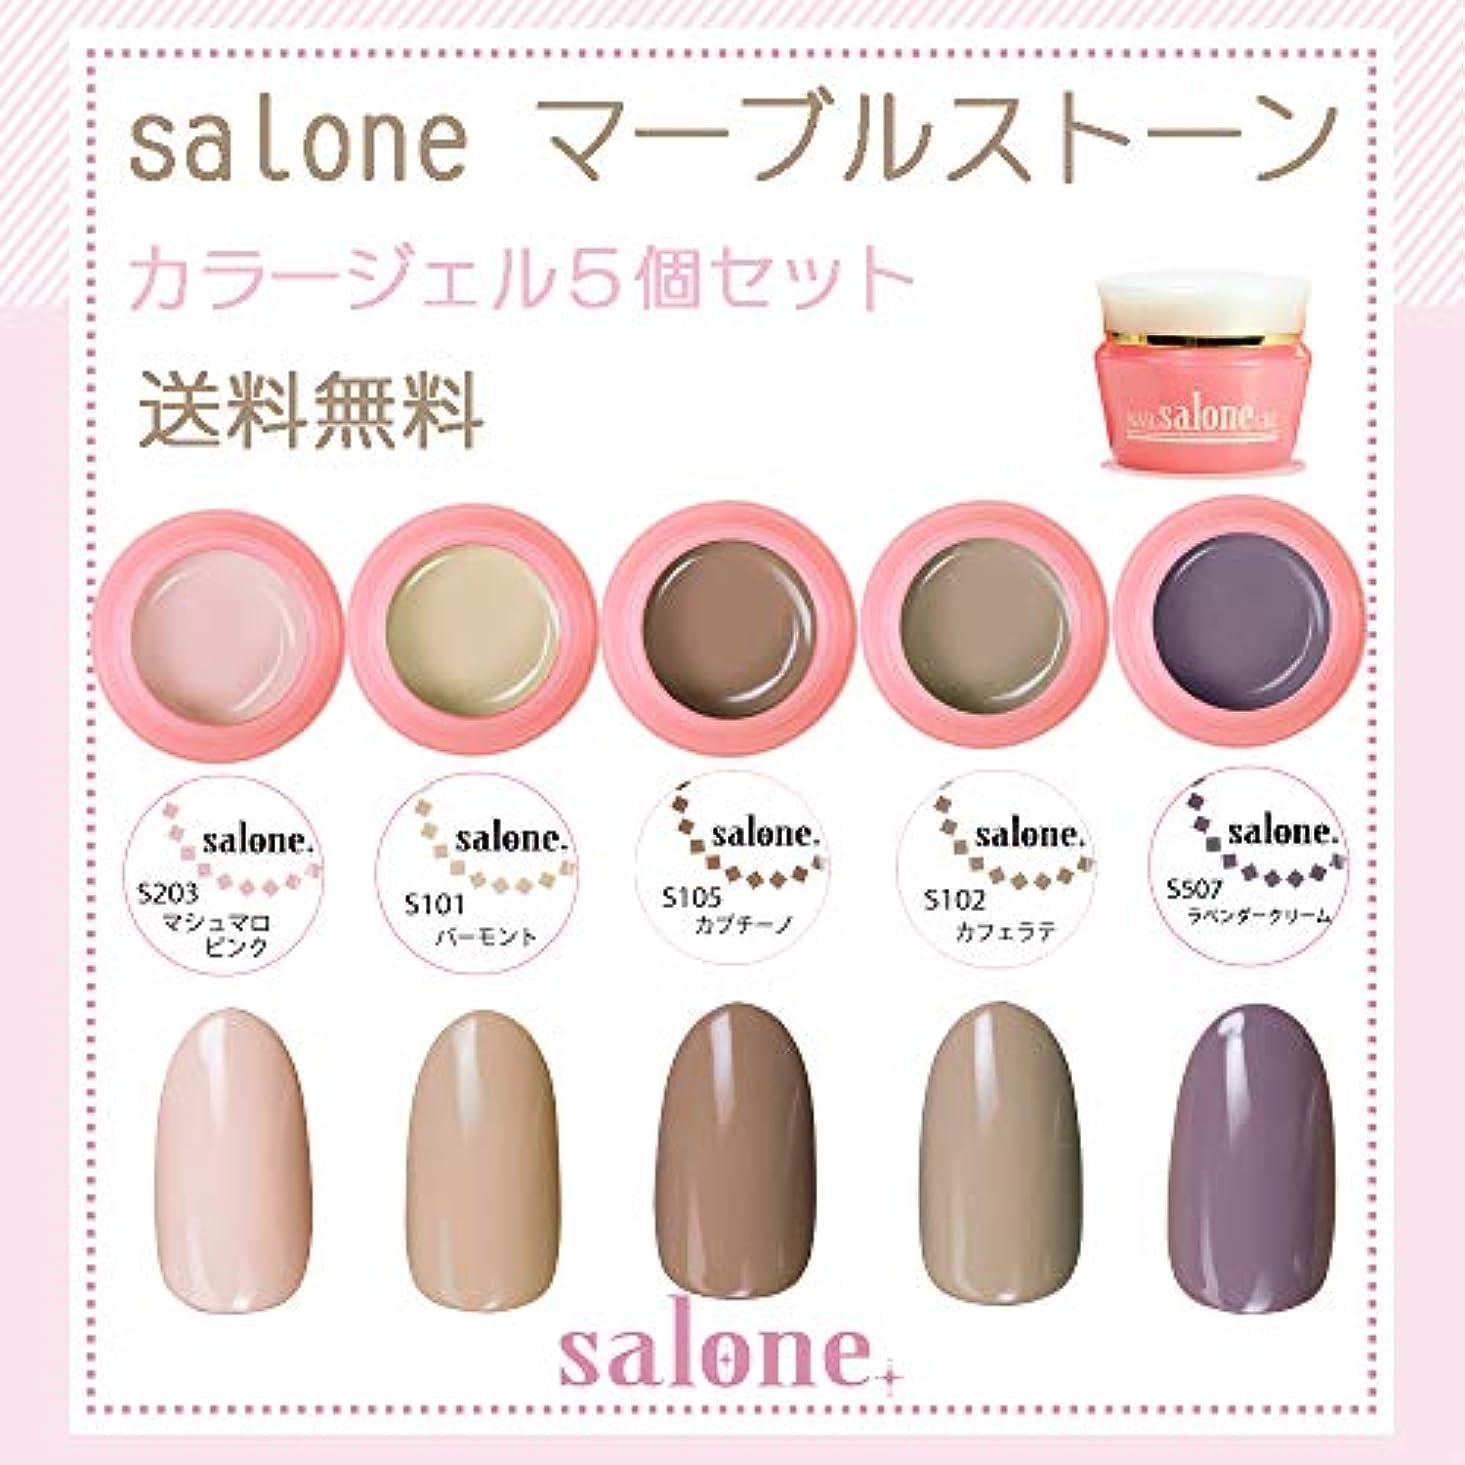 【送料無料 日本製】Salone マーブルストーン カラージェル5個セット ネイルのマストデザイン大理石ネイルカラー